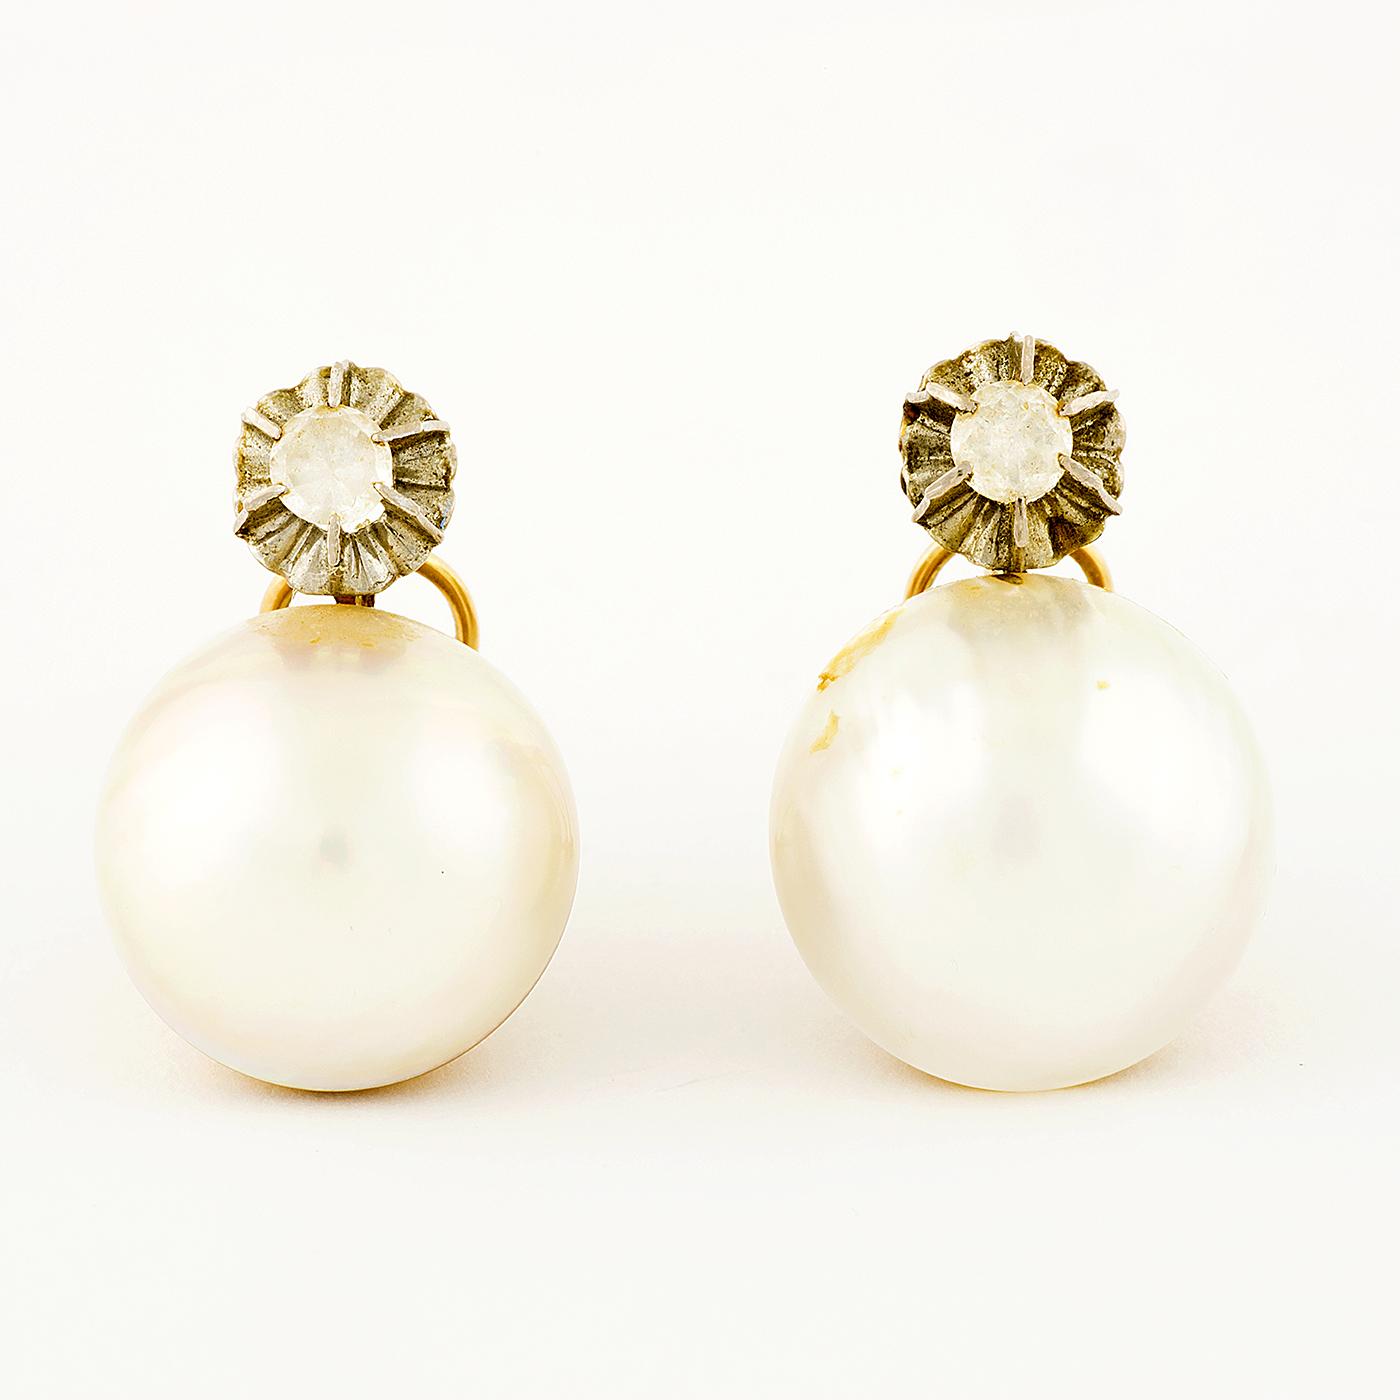 Juego de Pendientes en Oro de 18k con medias perlas Acoya y Strass. 11,75 gr.